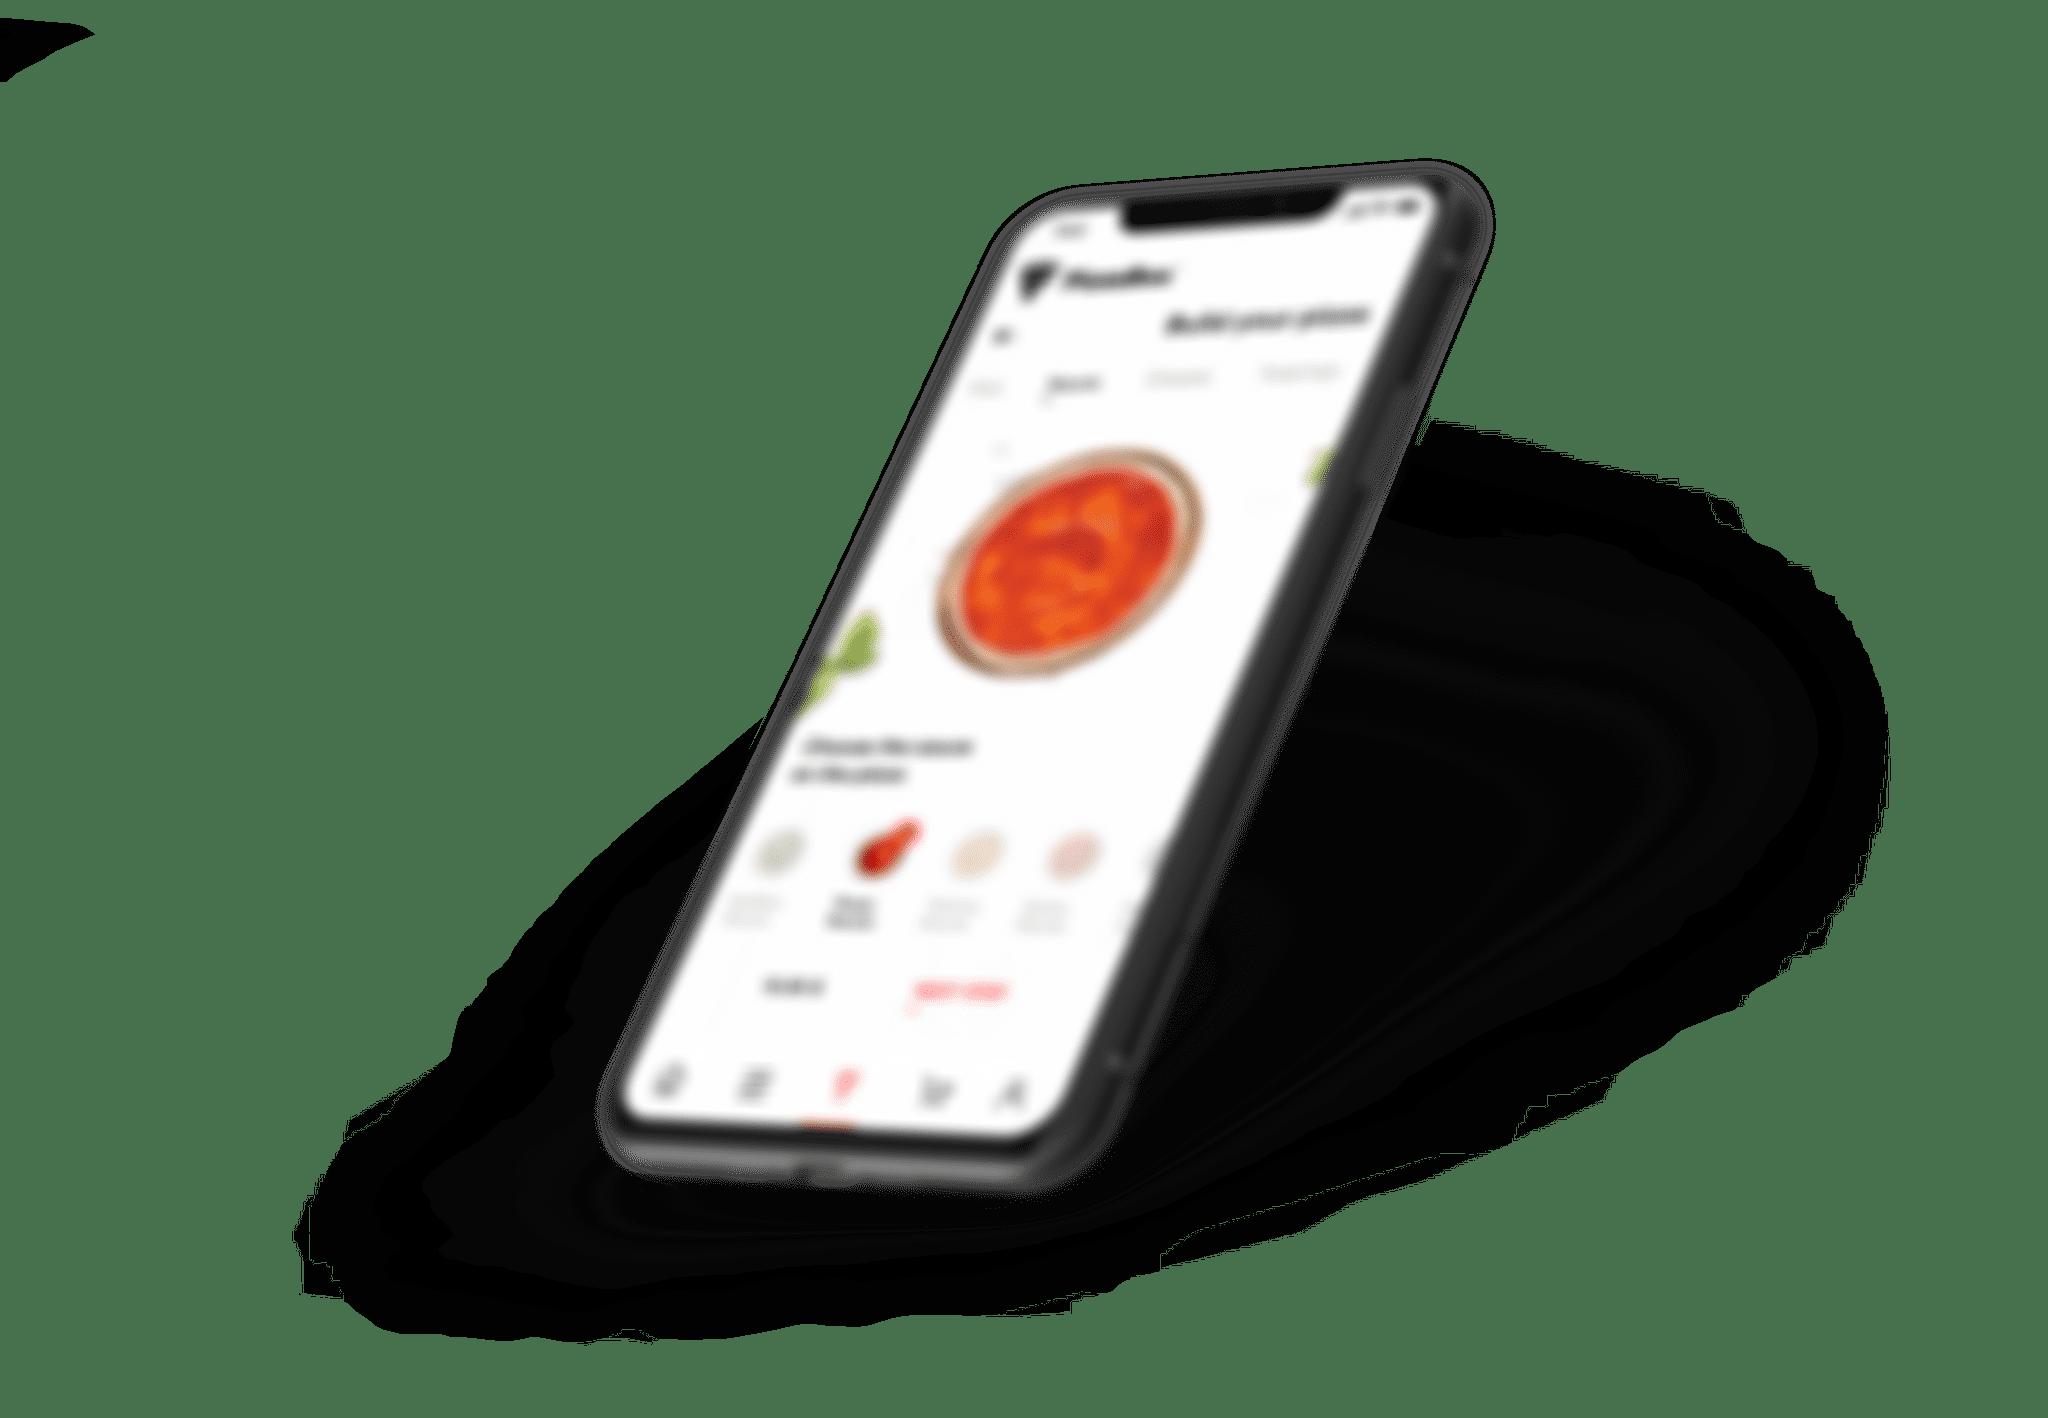 Grafika smartfona z aplikacją.